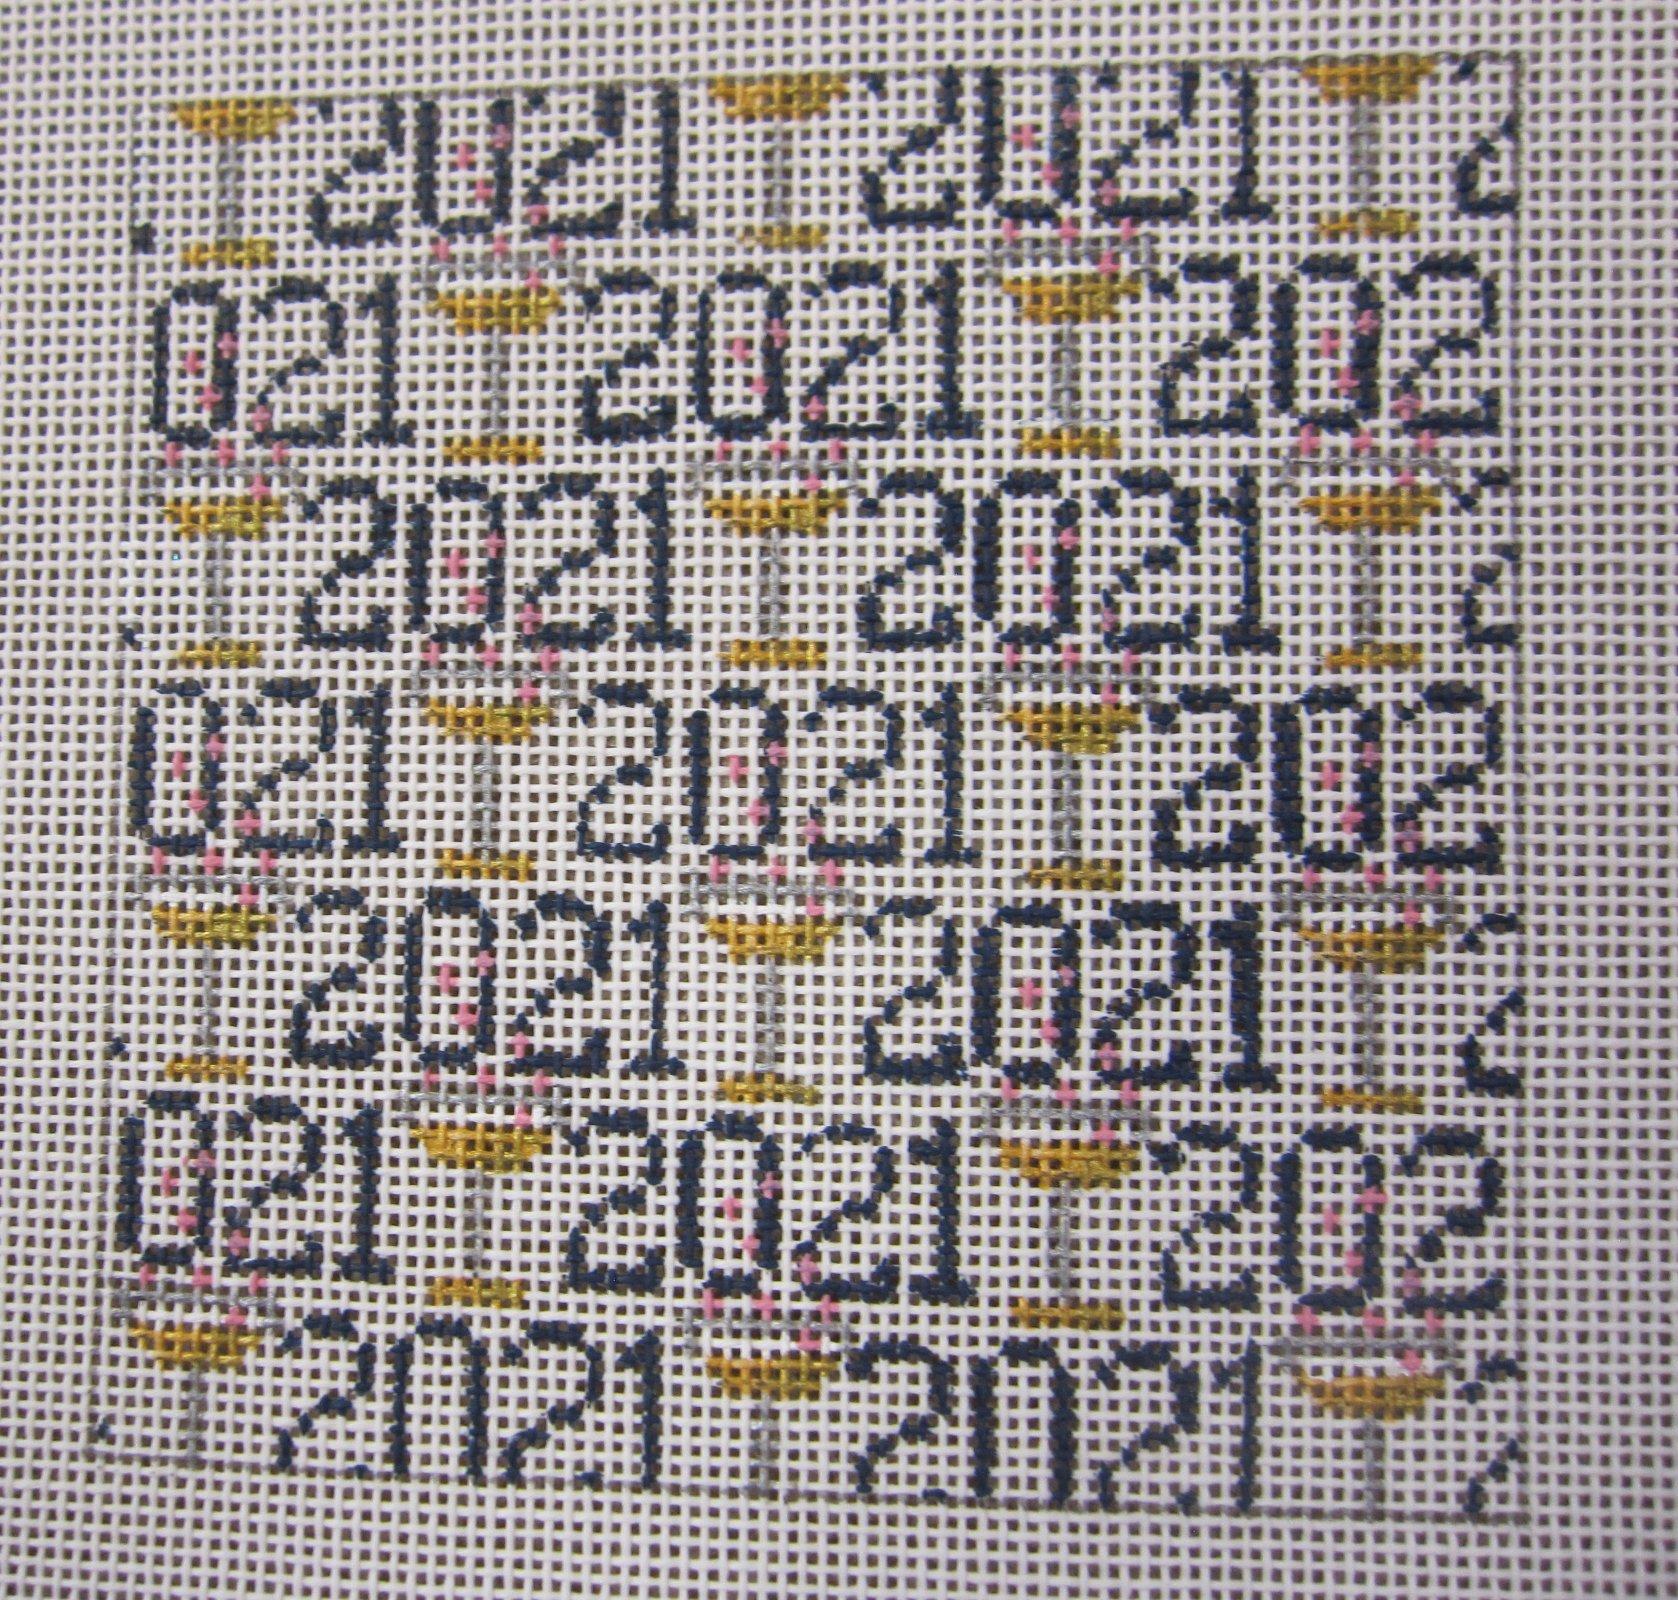 2021 Square for 4 frame